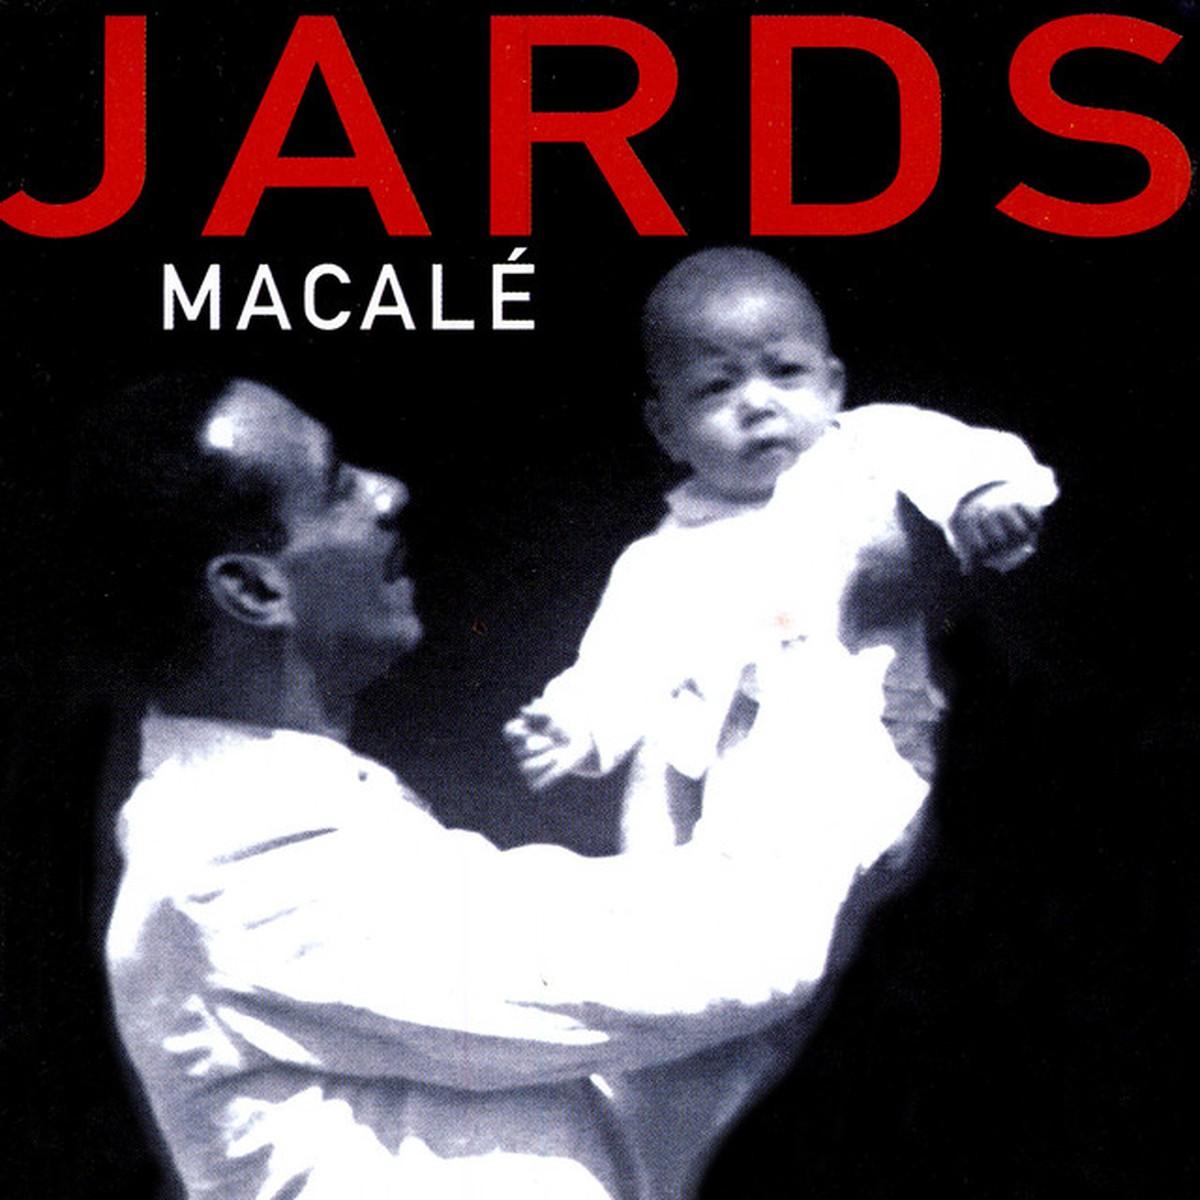 Discos para descobrir em casa – 'O Q faço é música', Jards Macalé, 1998 | Blog do Mauro Ferreira